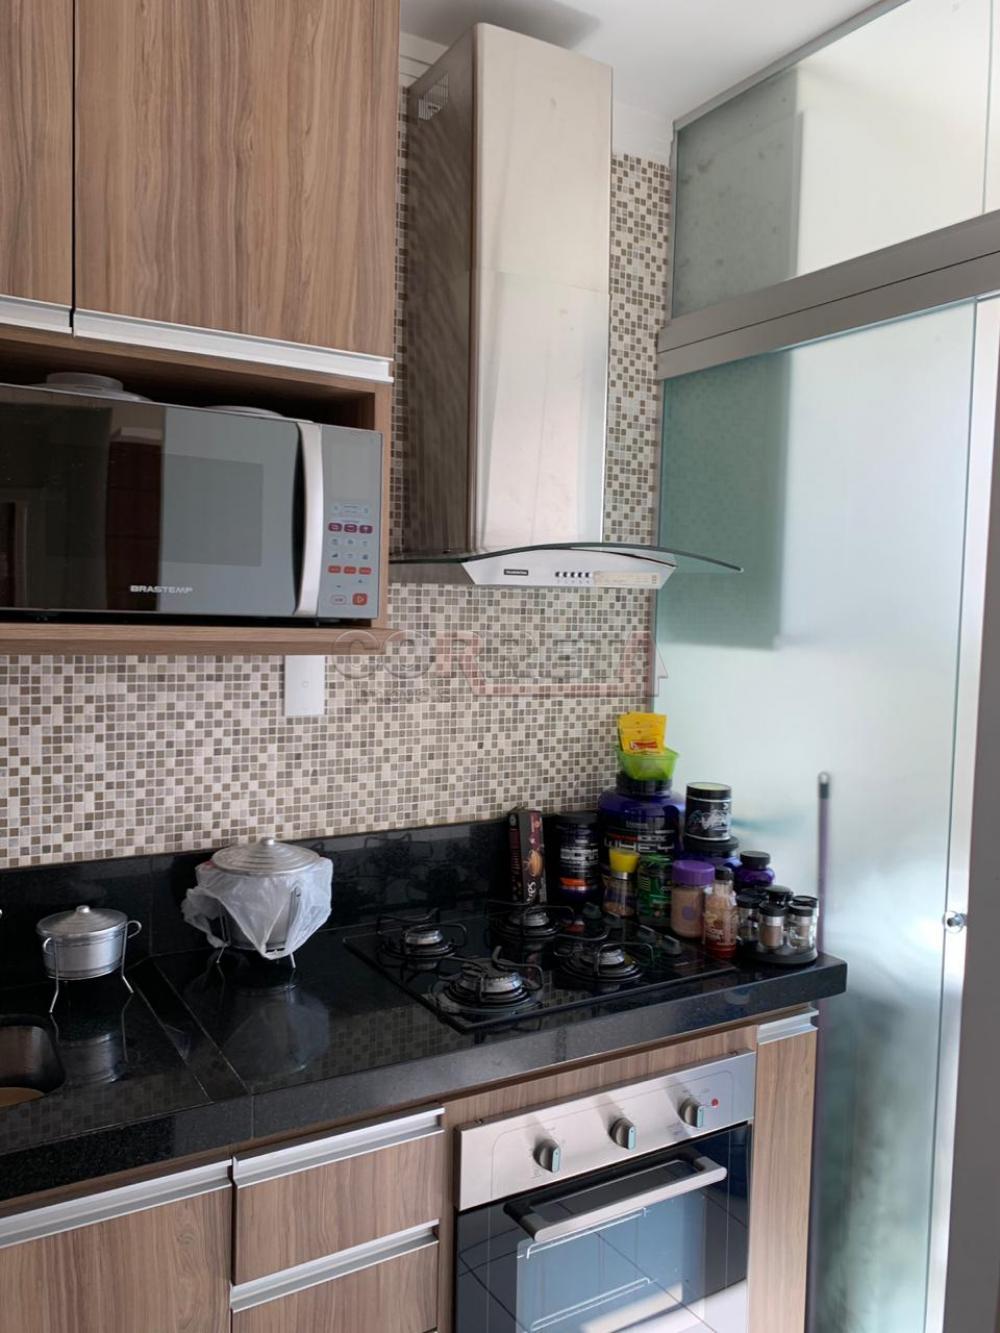 Comprar Apartamento / Padrão em Araçatuba R$ 185.000,00 - Foto 17